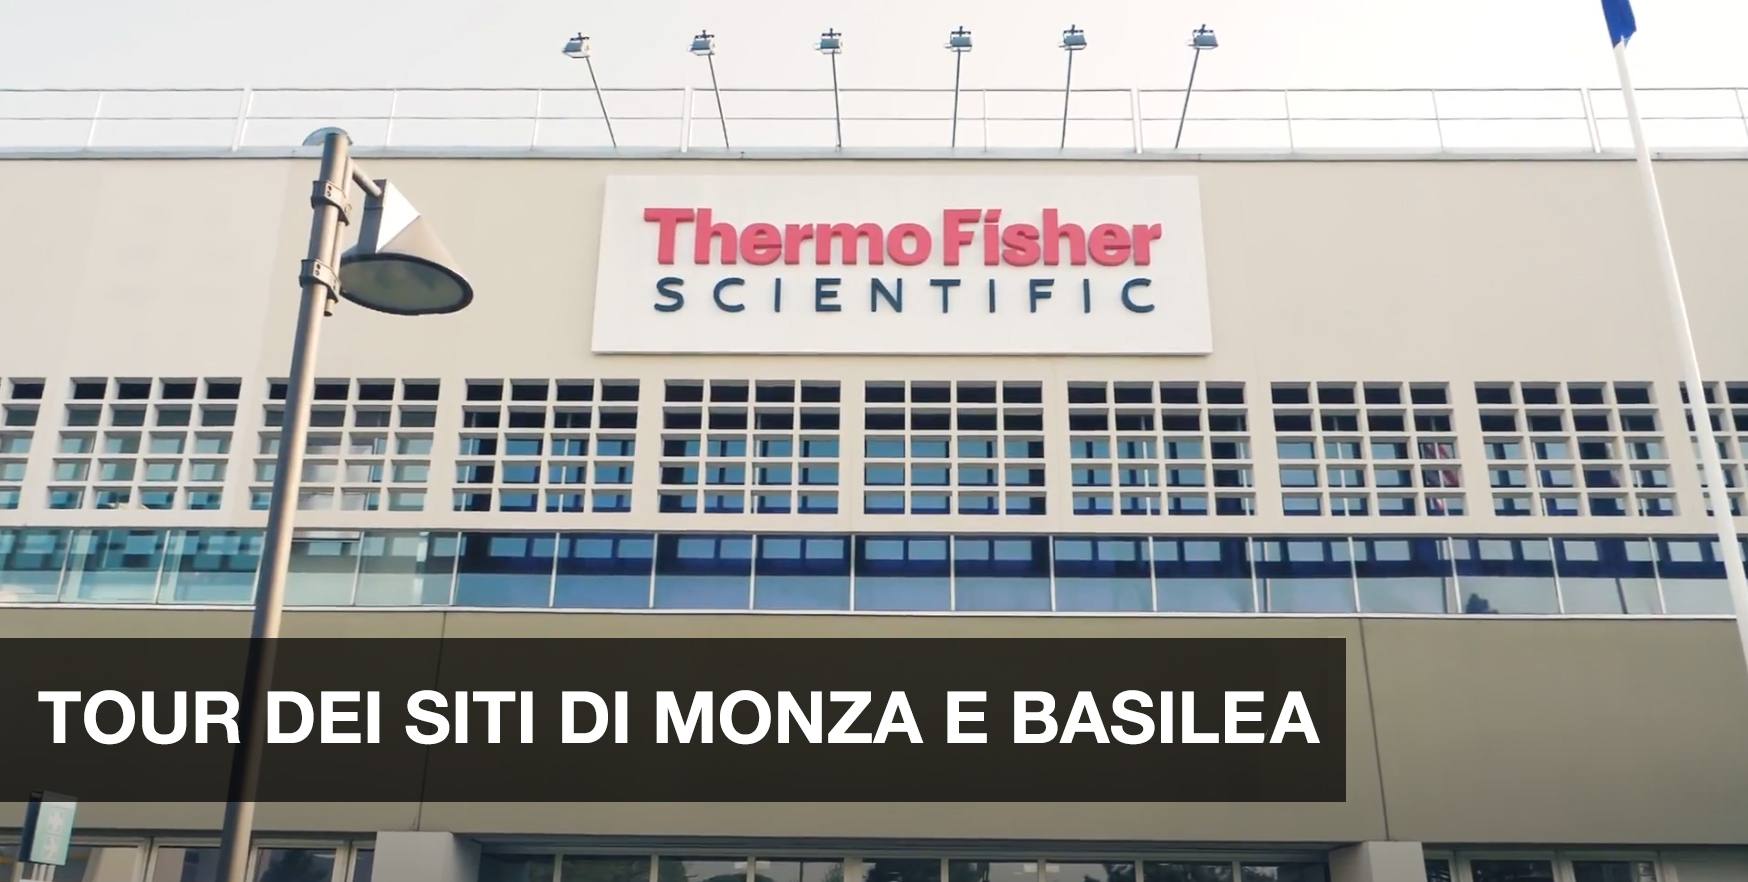 Tour Dei Siti Di Monza e Basilea Video